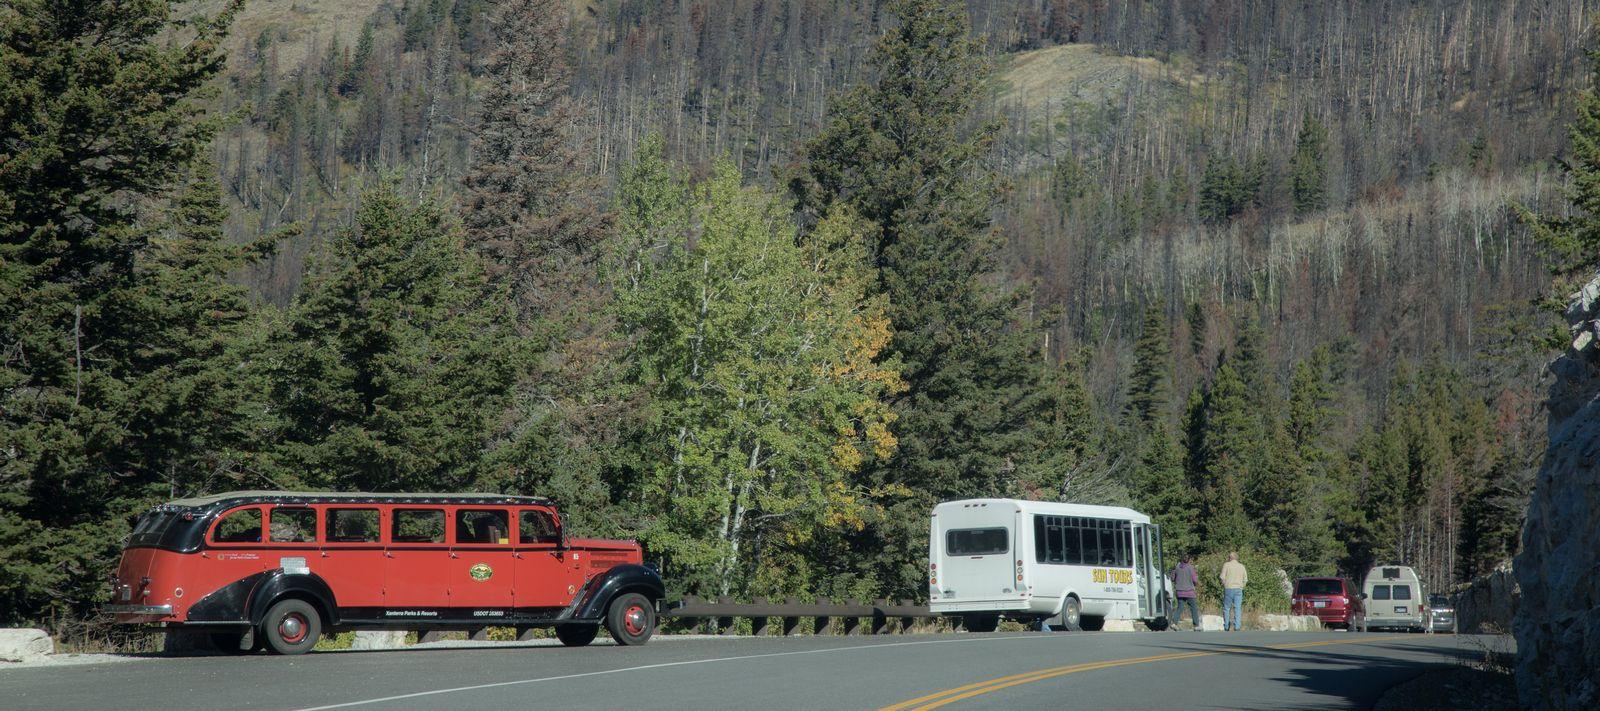 Uno de los autobuses lanzadera del parque